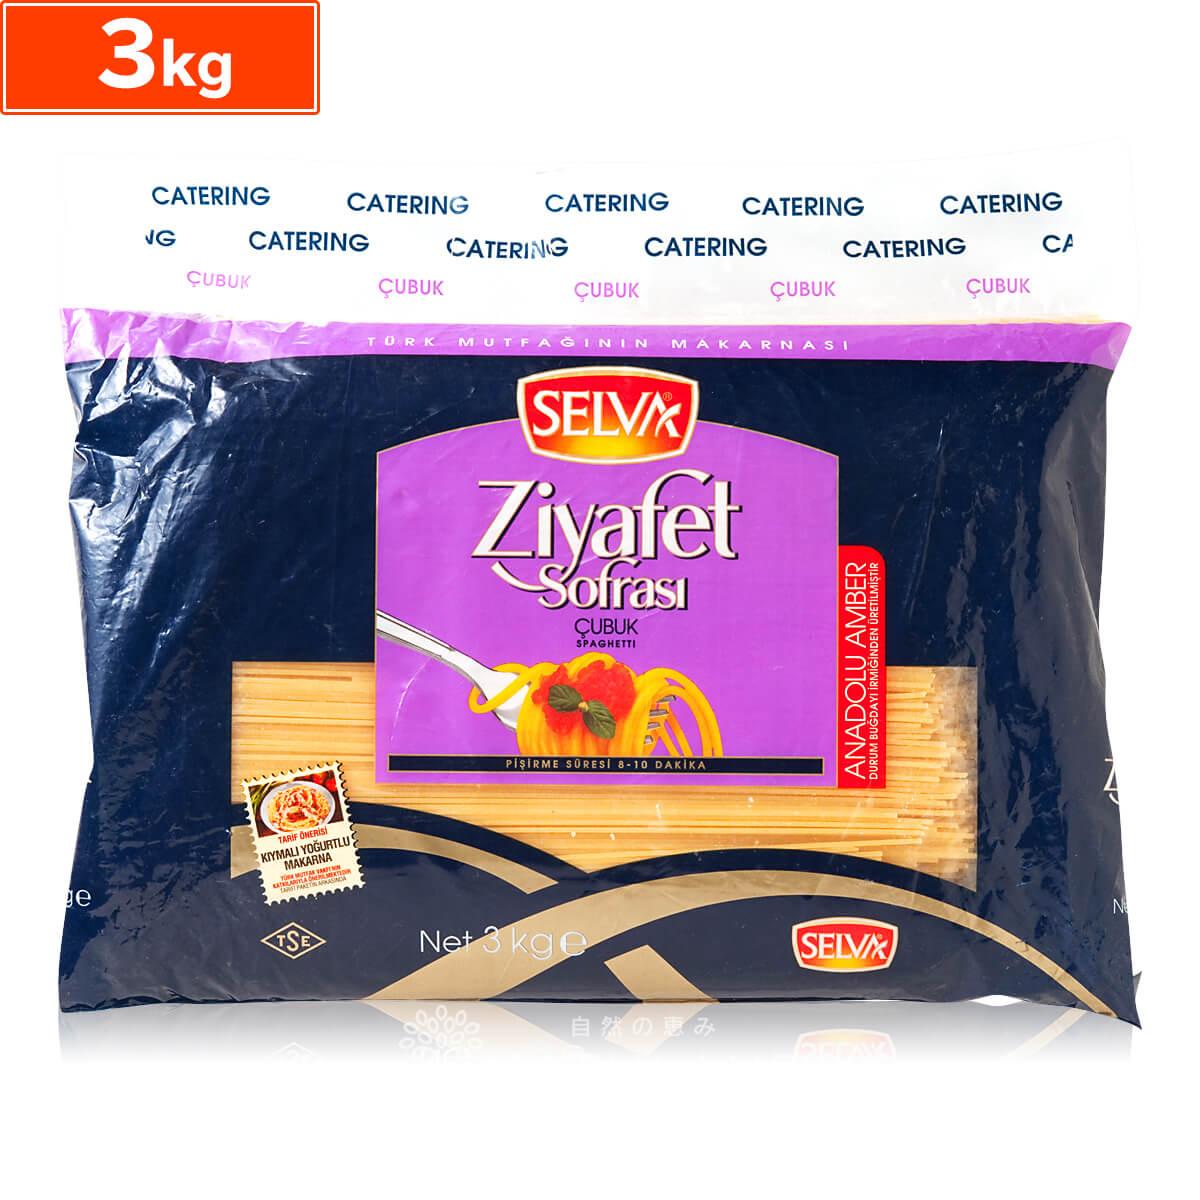 デュラムセモリナ小麦100%使用 麺の太さも食べやすい1.7mmで本場トルコ産セルバの高級スパゲッティをお楽しみください 1位 朝日セルバ 上等 スパゲッティ 3kg 1.7mm 格安 パスタ selva セルバパスタ トルコ ランキング スパゲティ 朝日 麺 1.7 おすすめ イタリアン メーカー